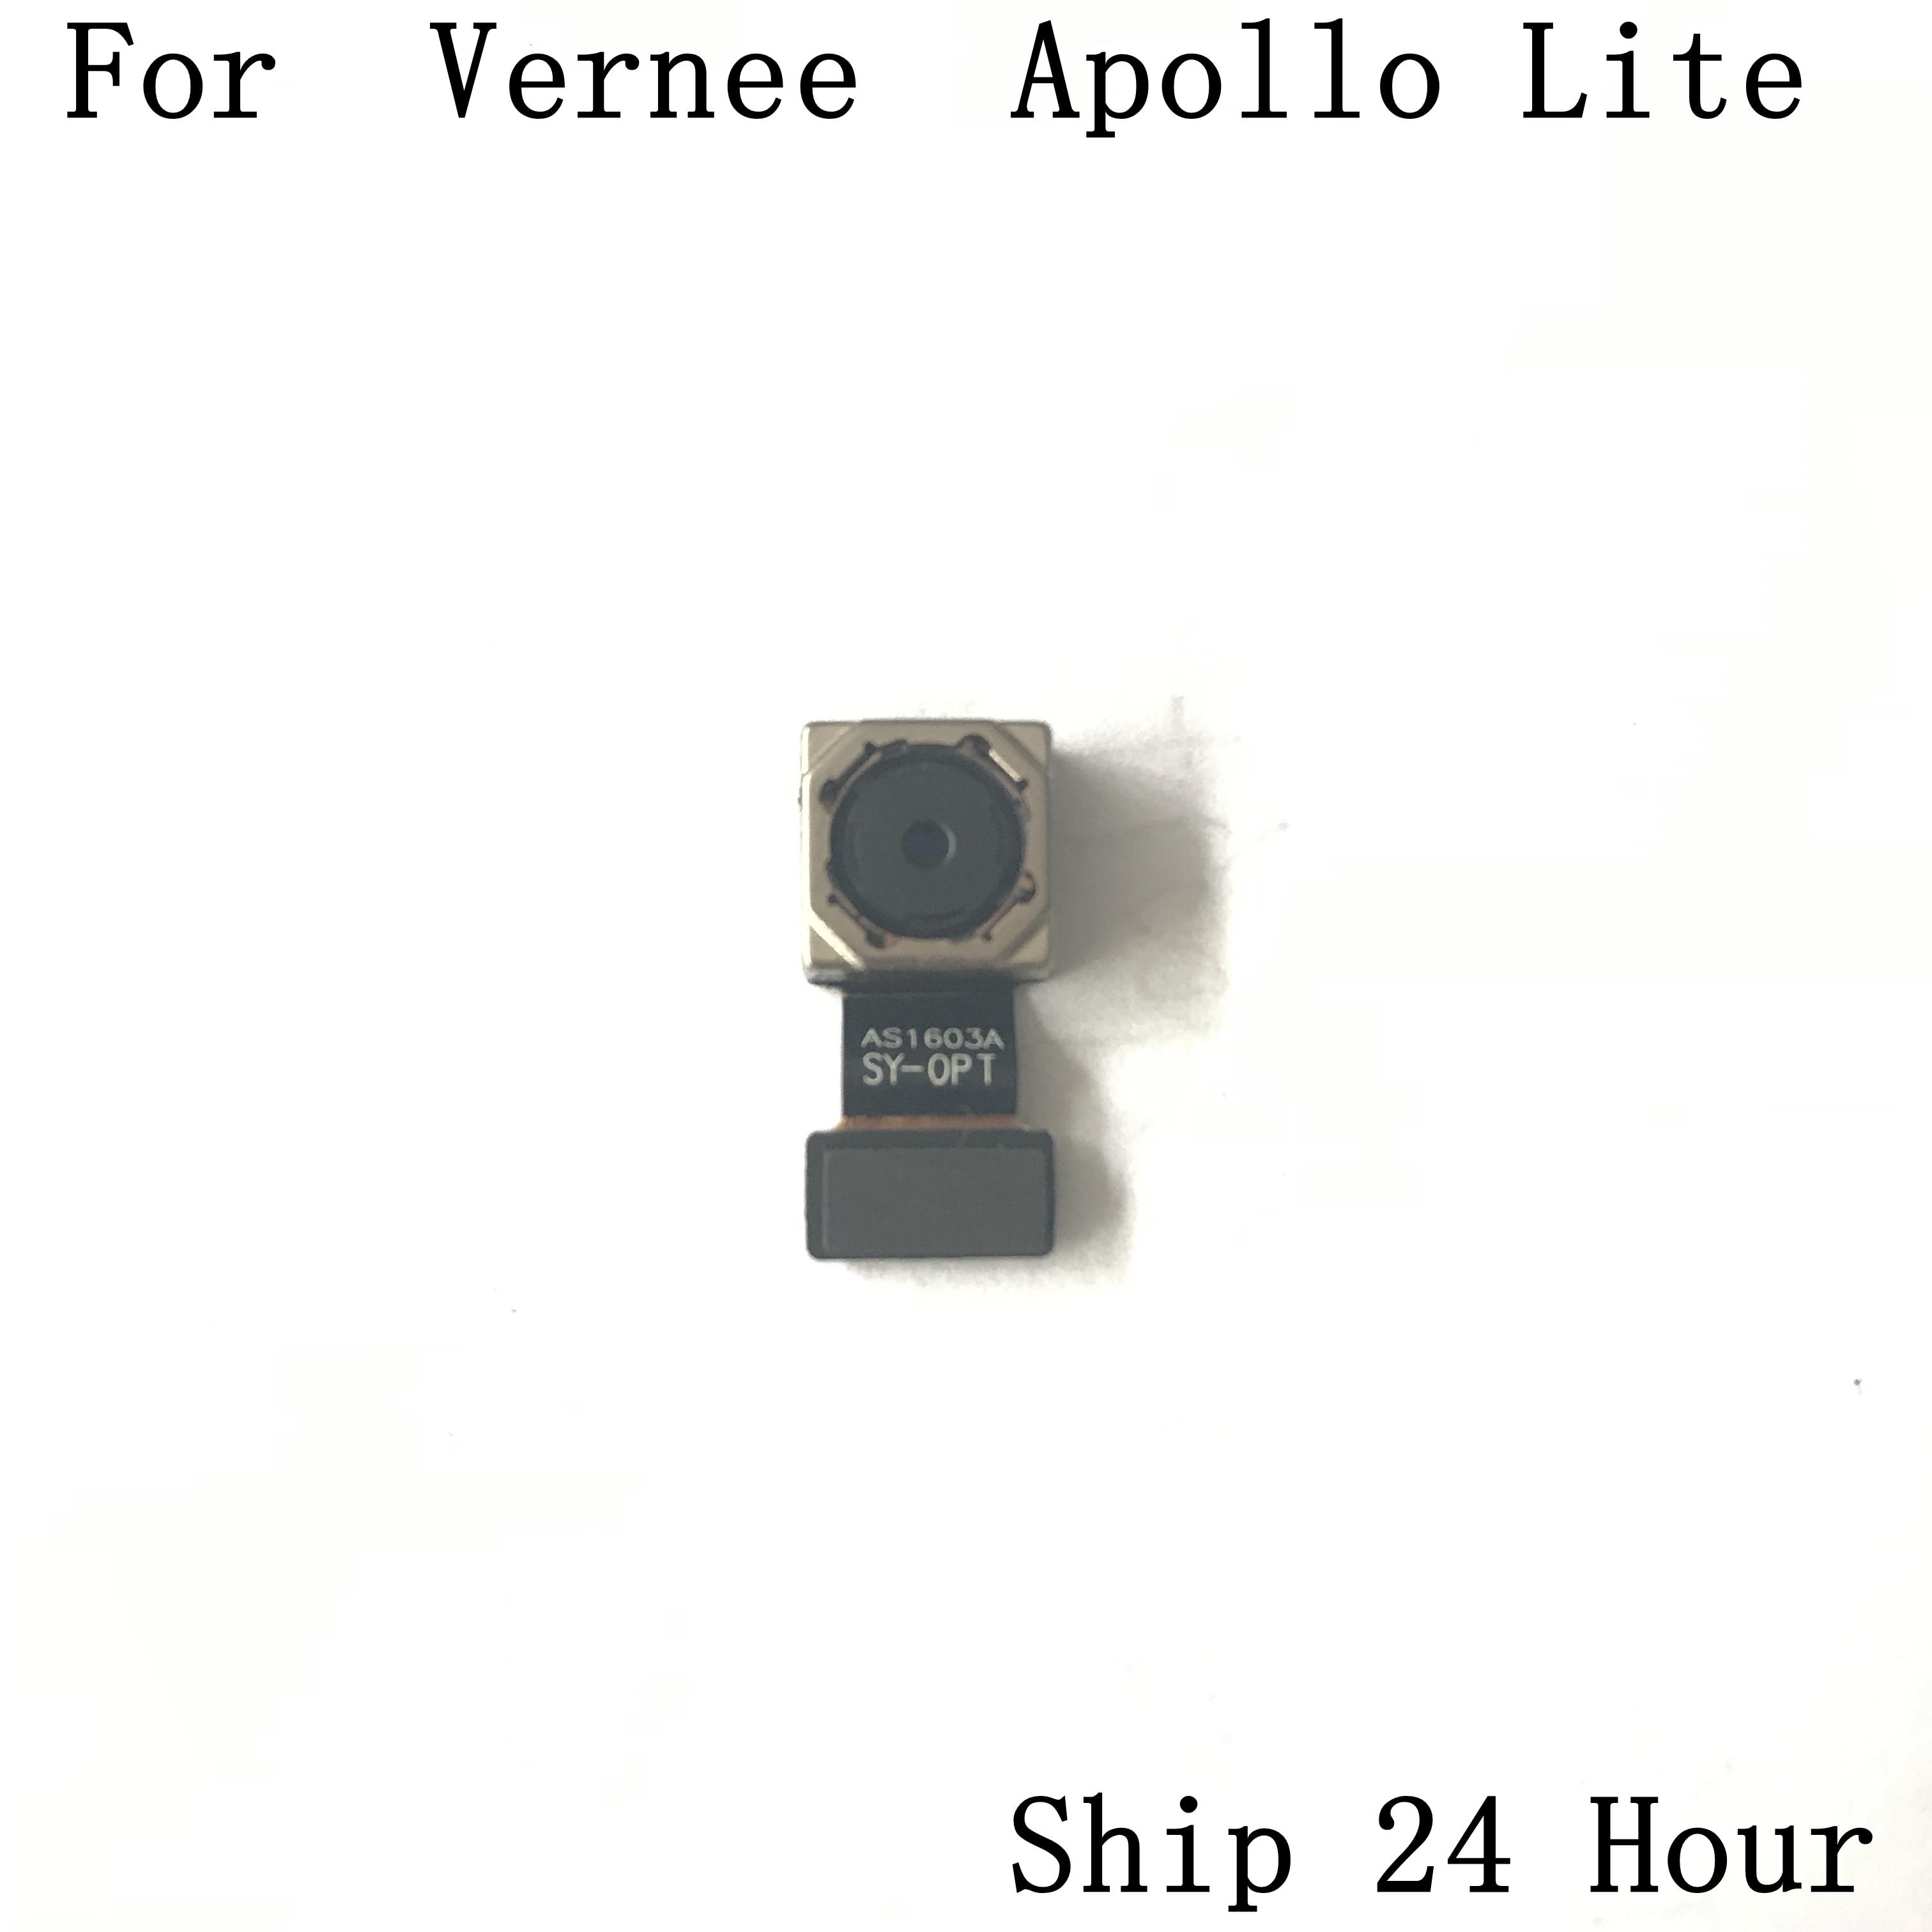 Vernee Apollo Lite используется задняя камера 16.0MP модуль для Vernee Apollo Lite ремонт починка Запасная часть|Модули камеры для мобильных телефонов|   | АлиЭкспресс